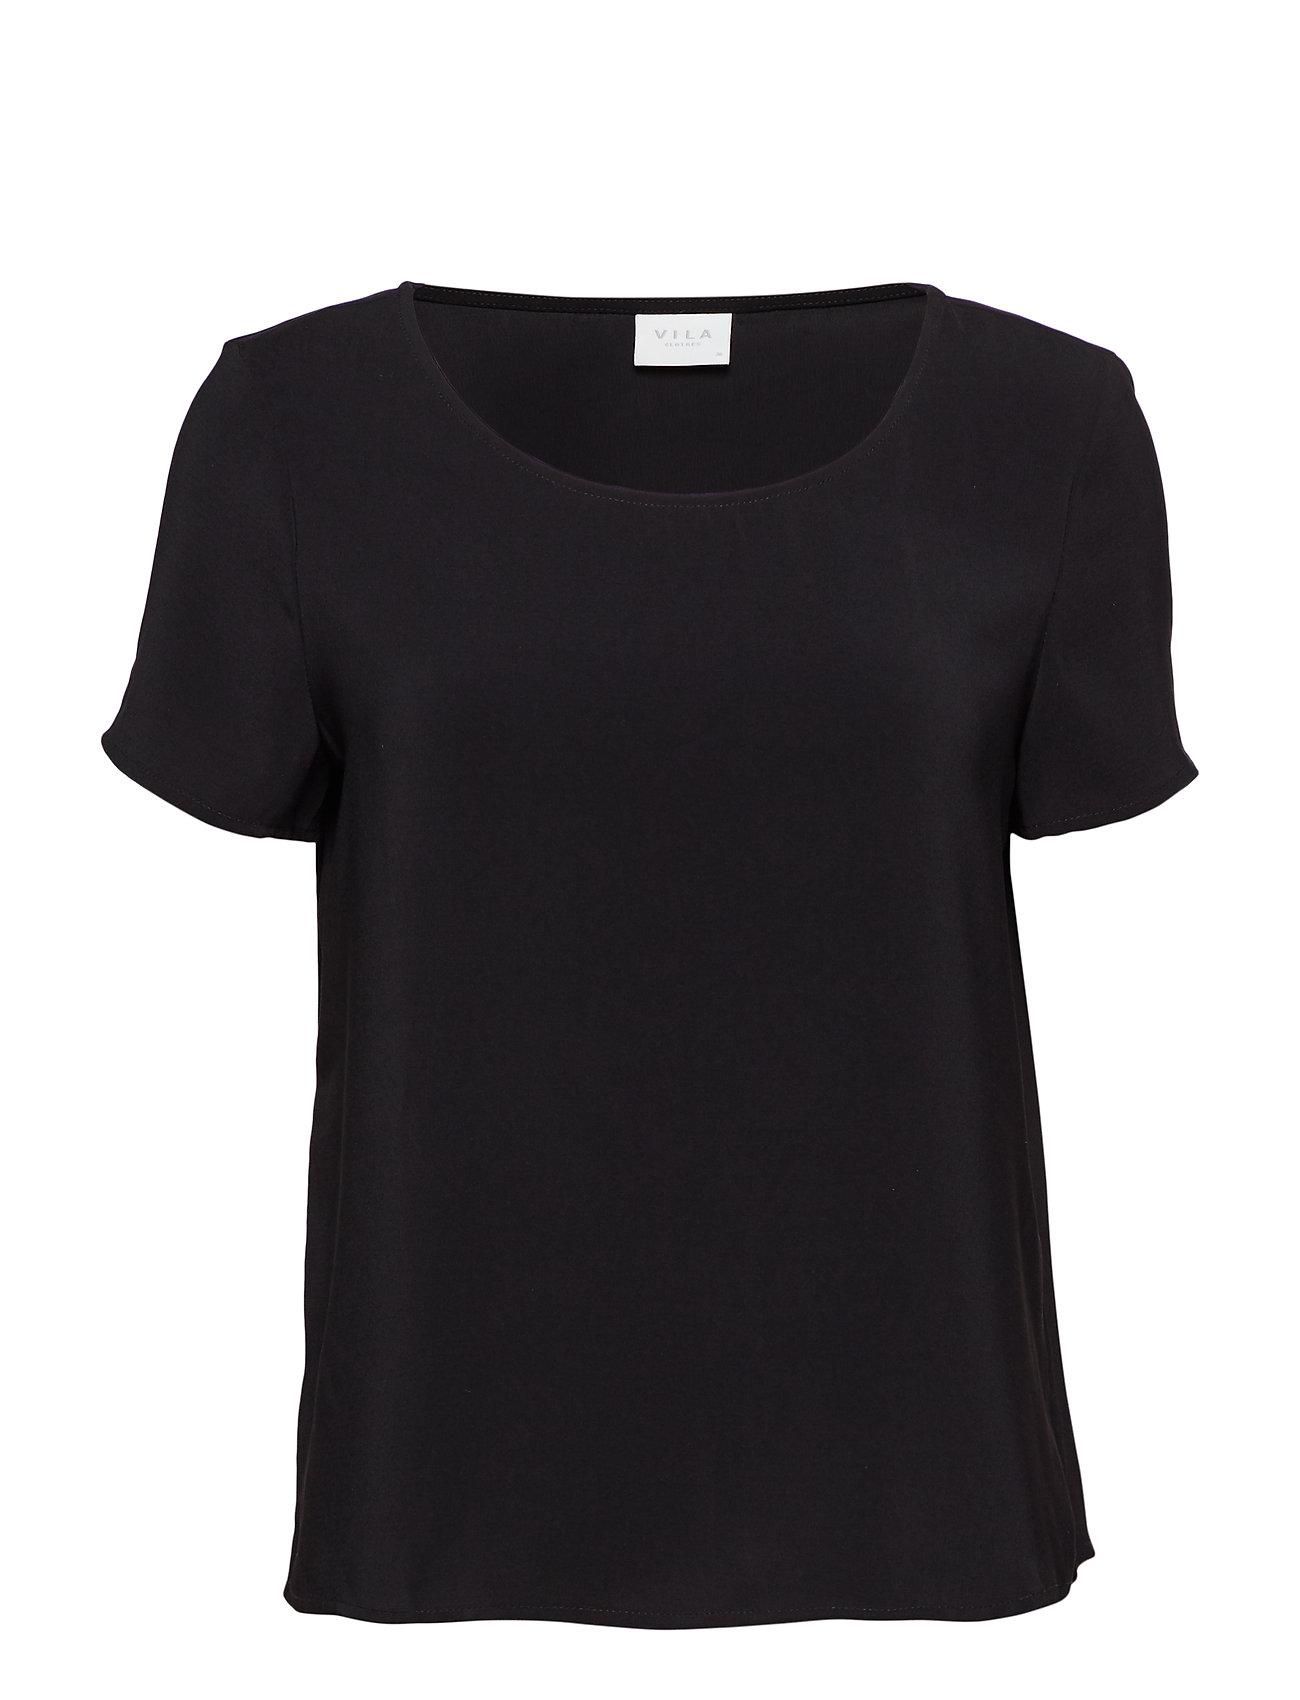 Vilaia SS Top Noos T shirt Top Sort Vila